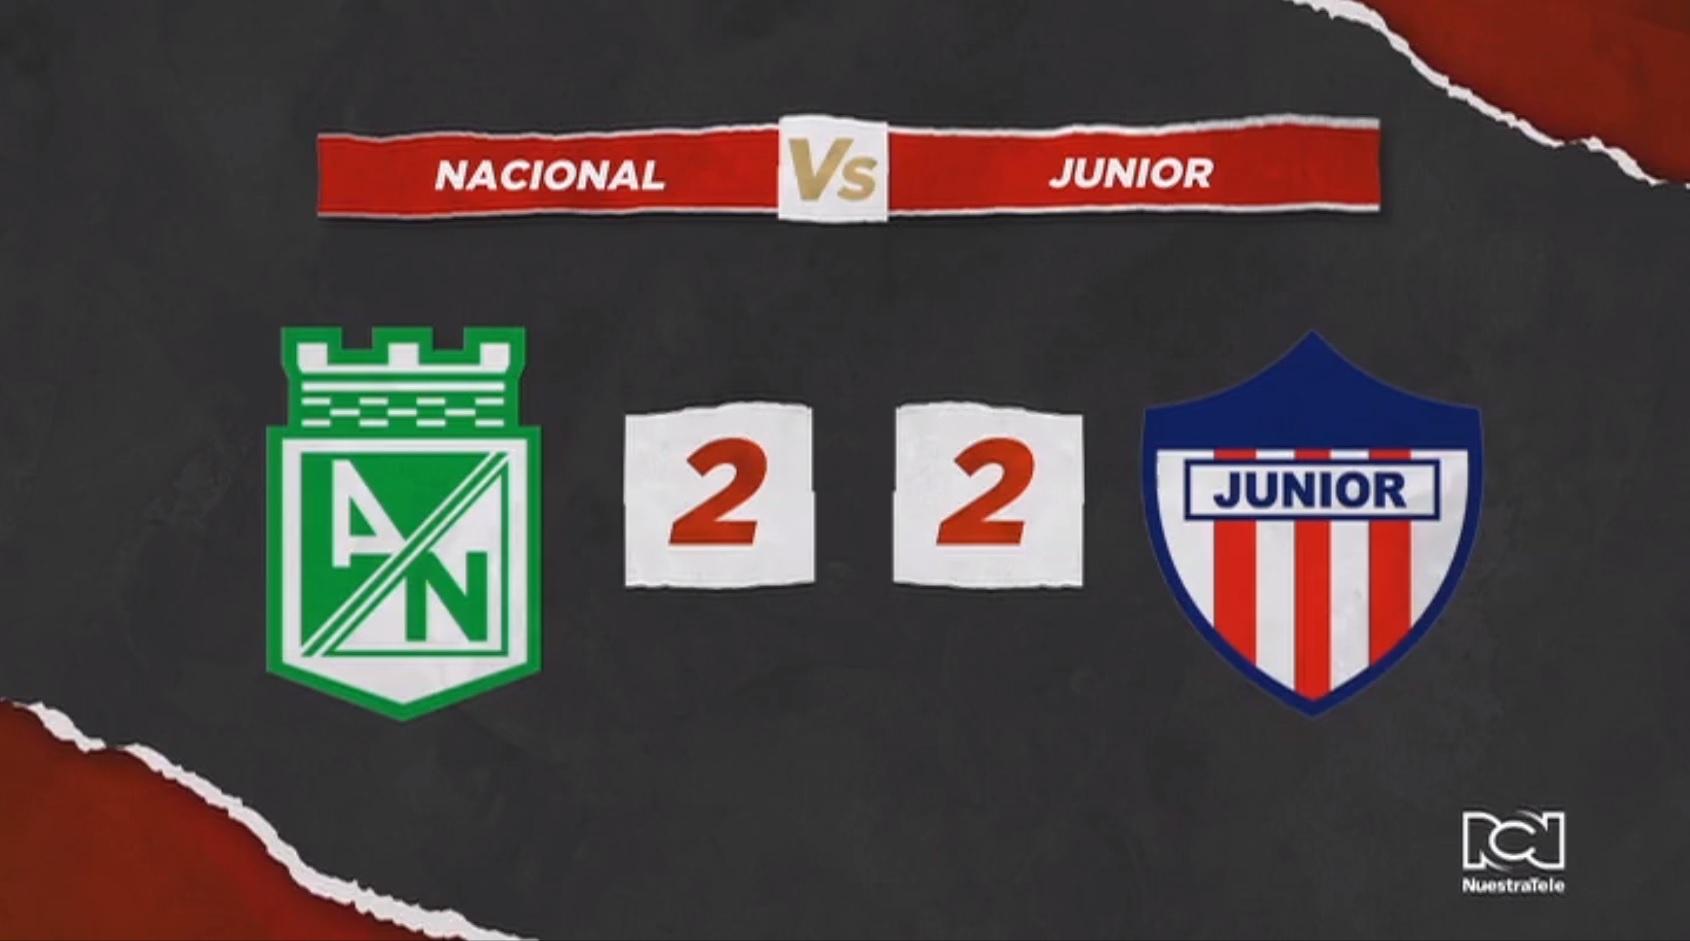 Goles de Nacional y Junior